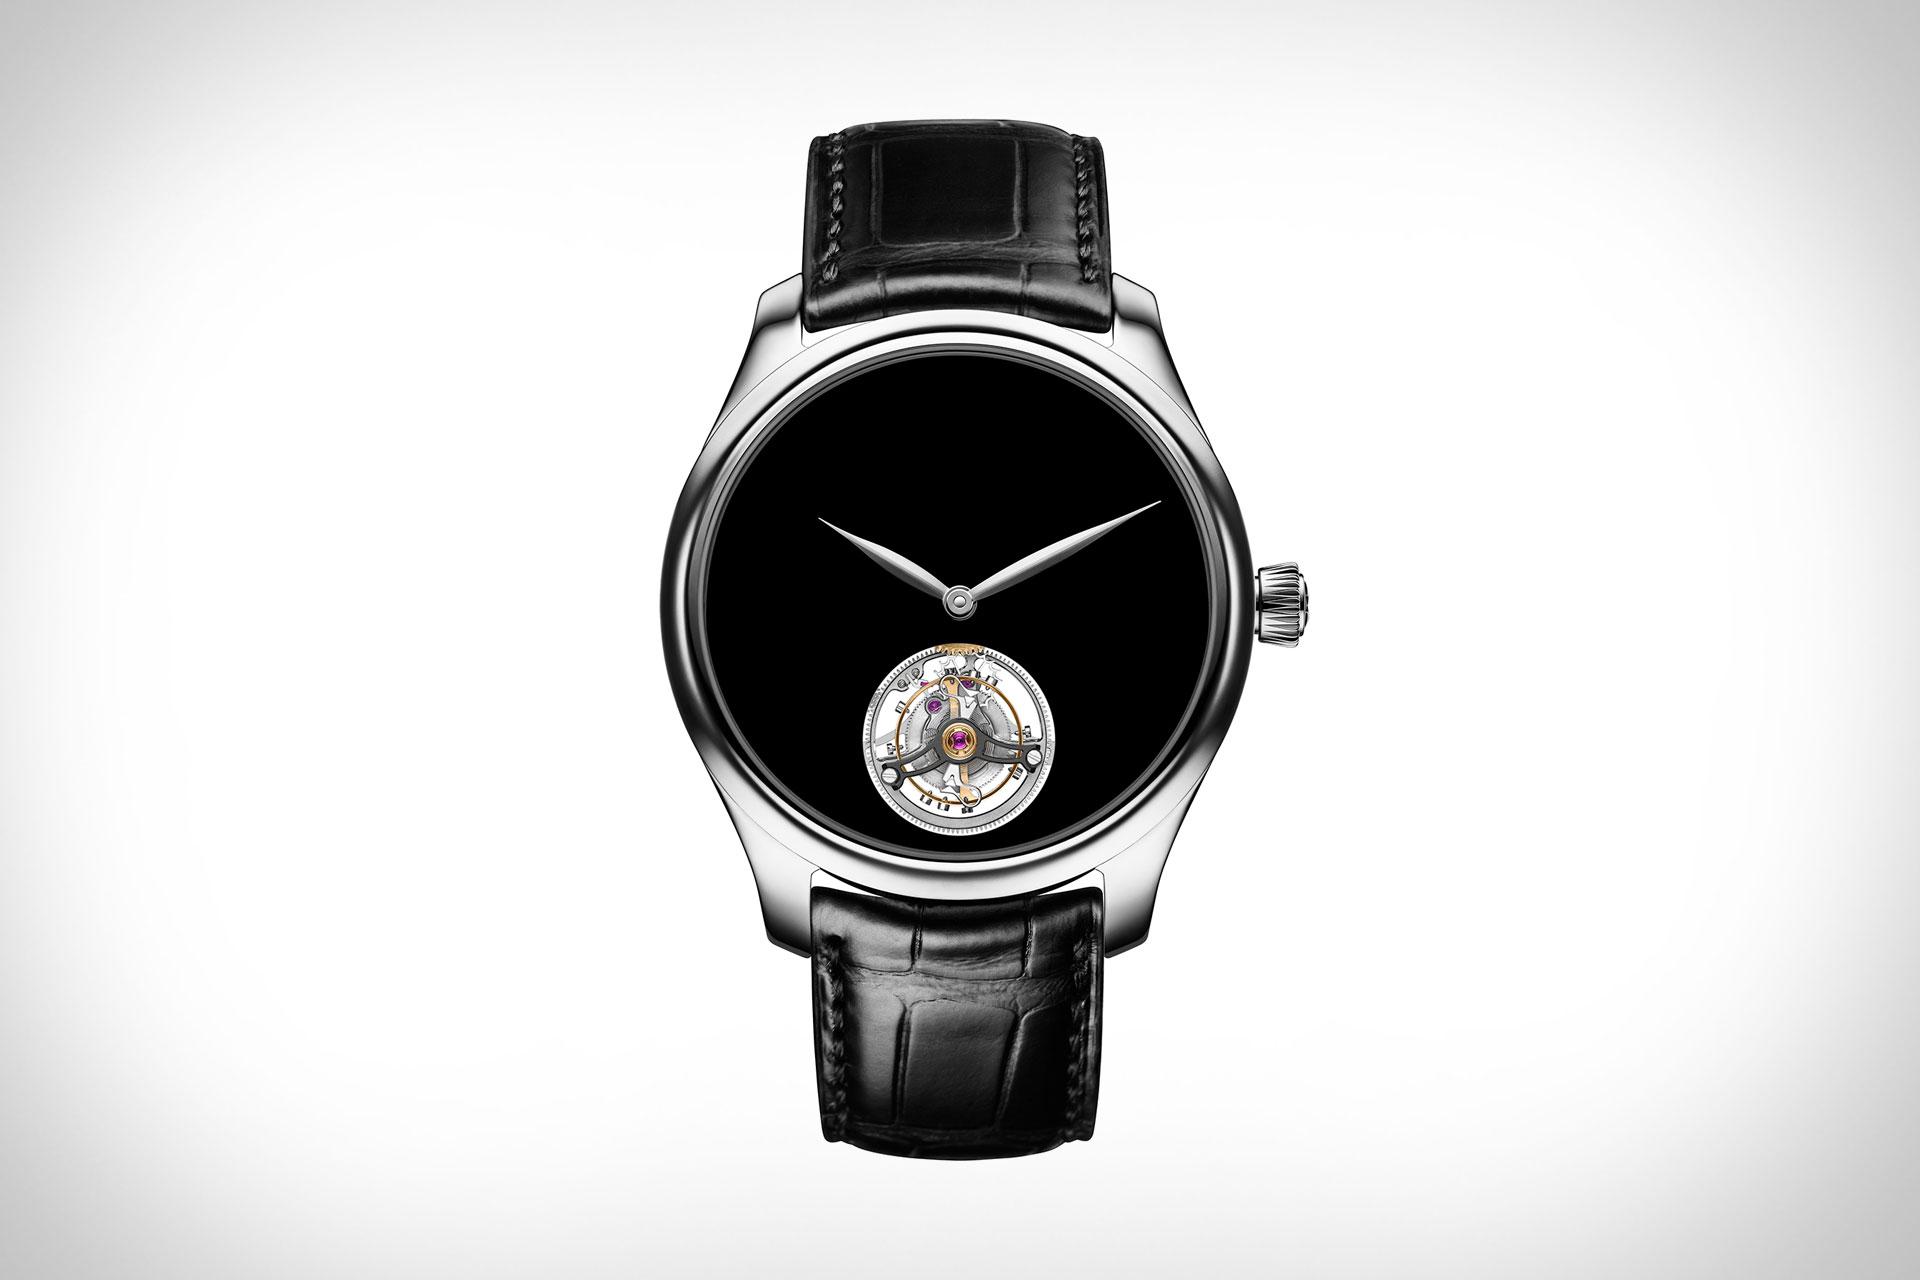 H. Moser & Cie. Endeavour Tourbillon Vantablack Watch